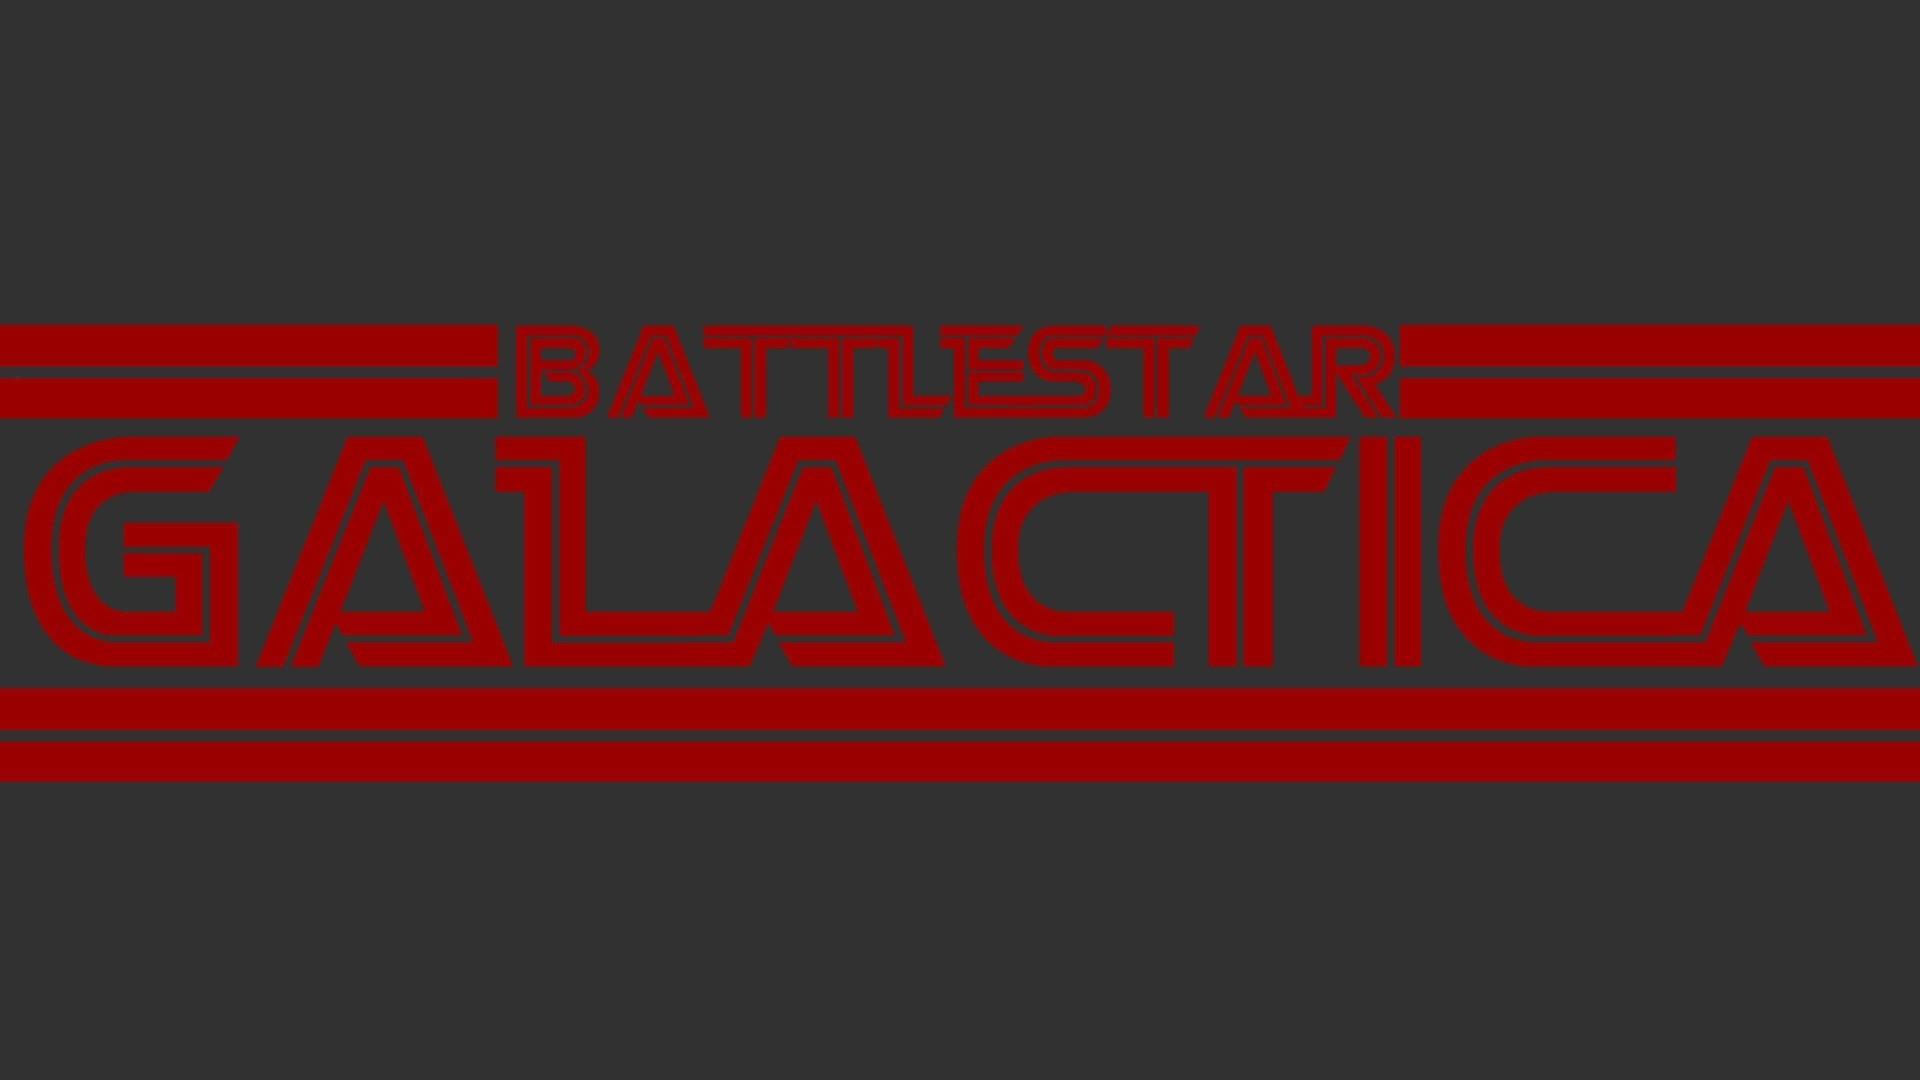 widescreen wallpaper battlestar galactica 1978